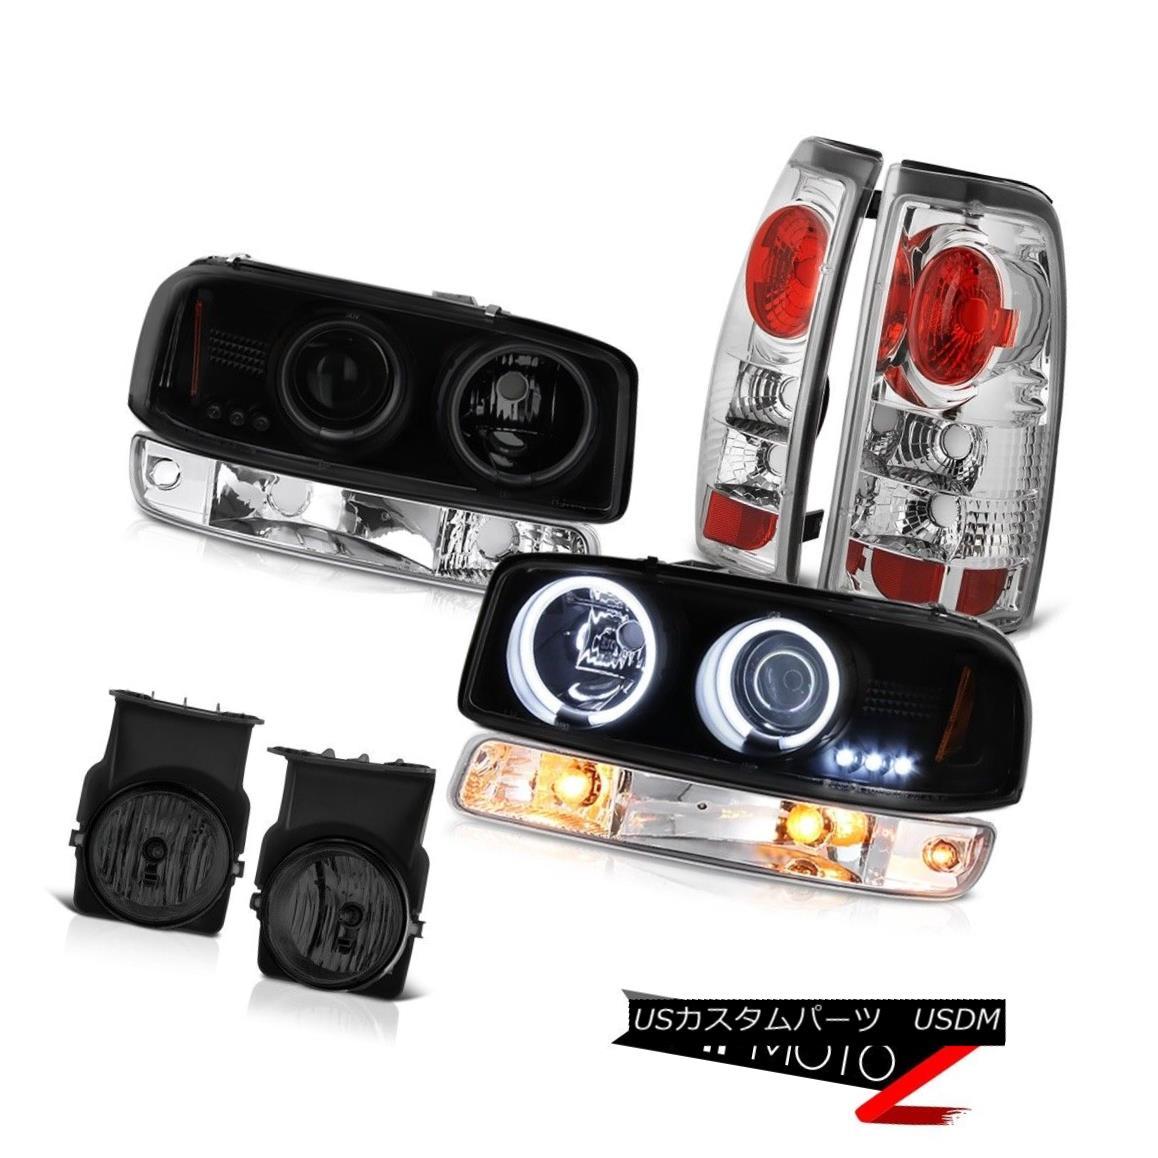 ヘッドライト 2003-2006 Sierra 3500HD Fog lights euro clear taillamps bumper lamp headlights 2003-2006シエラ3500HDフォグライトユーロクリアテールランプバンパーランプヘッドライト